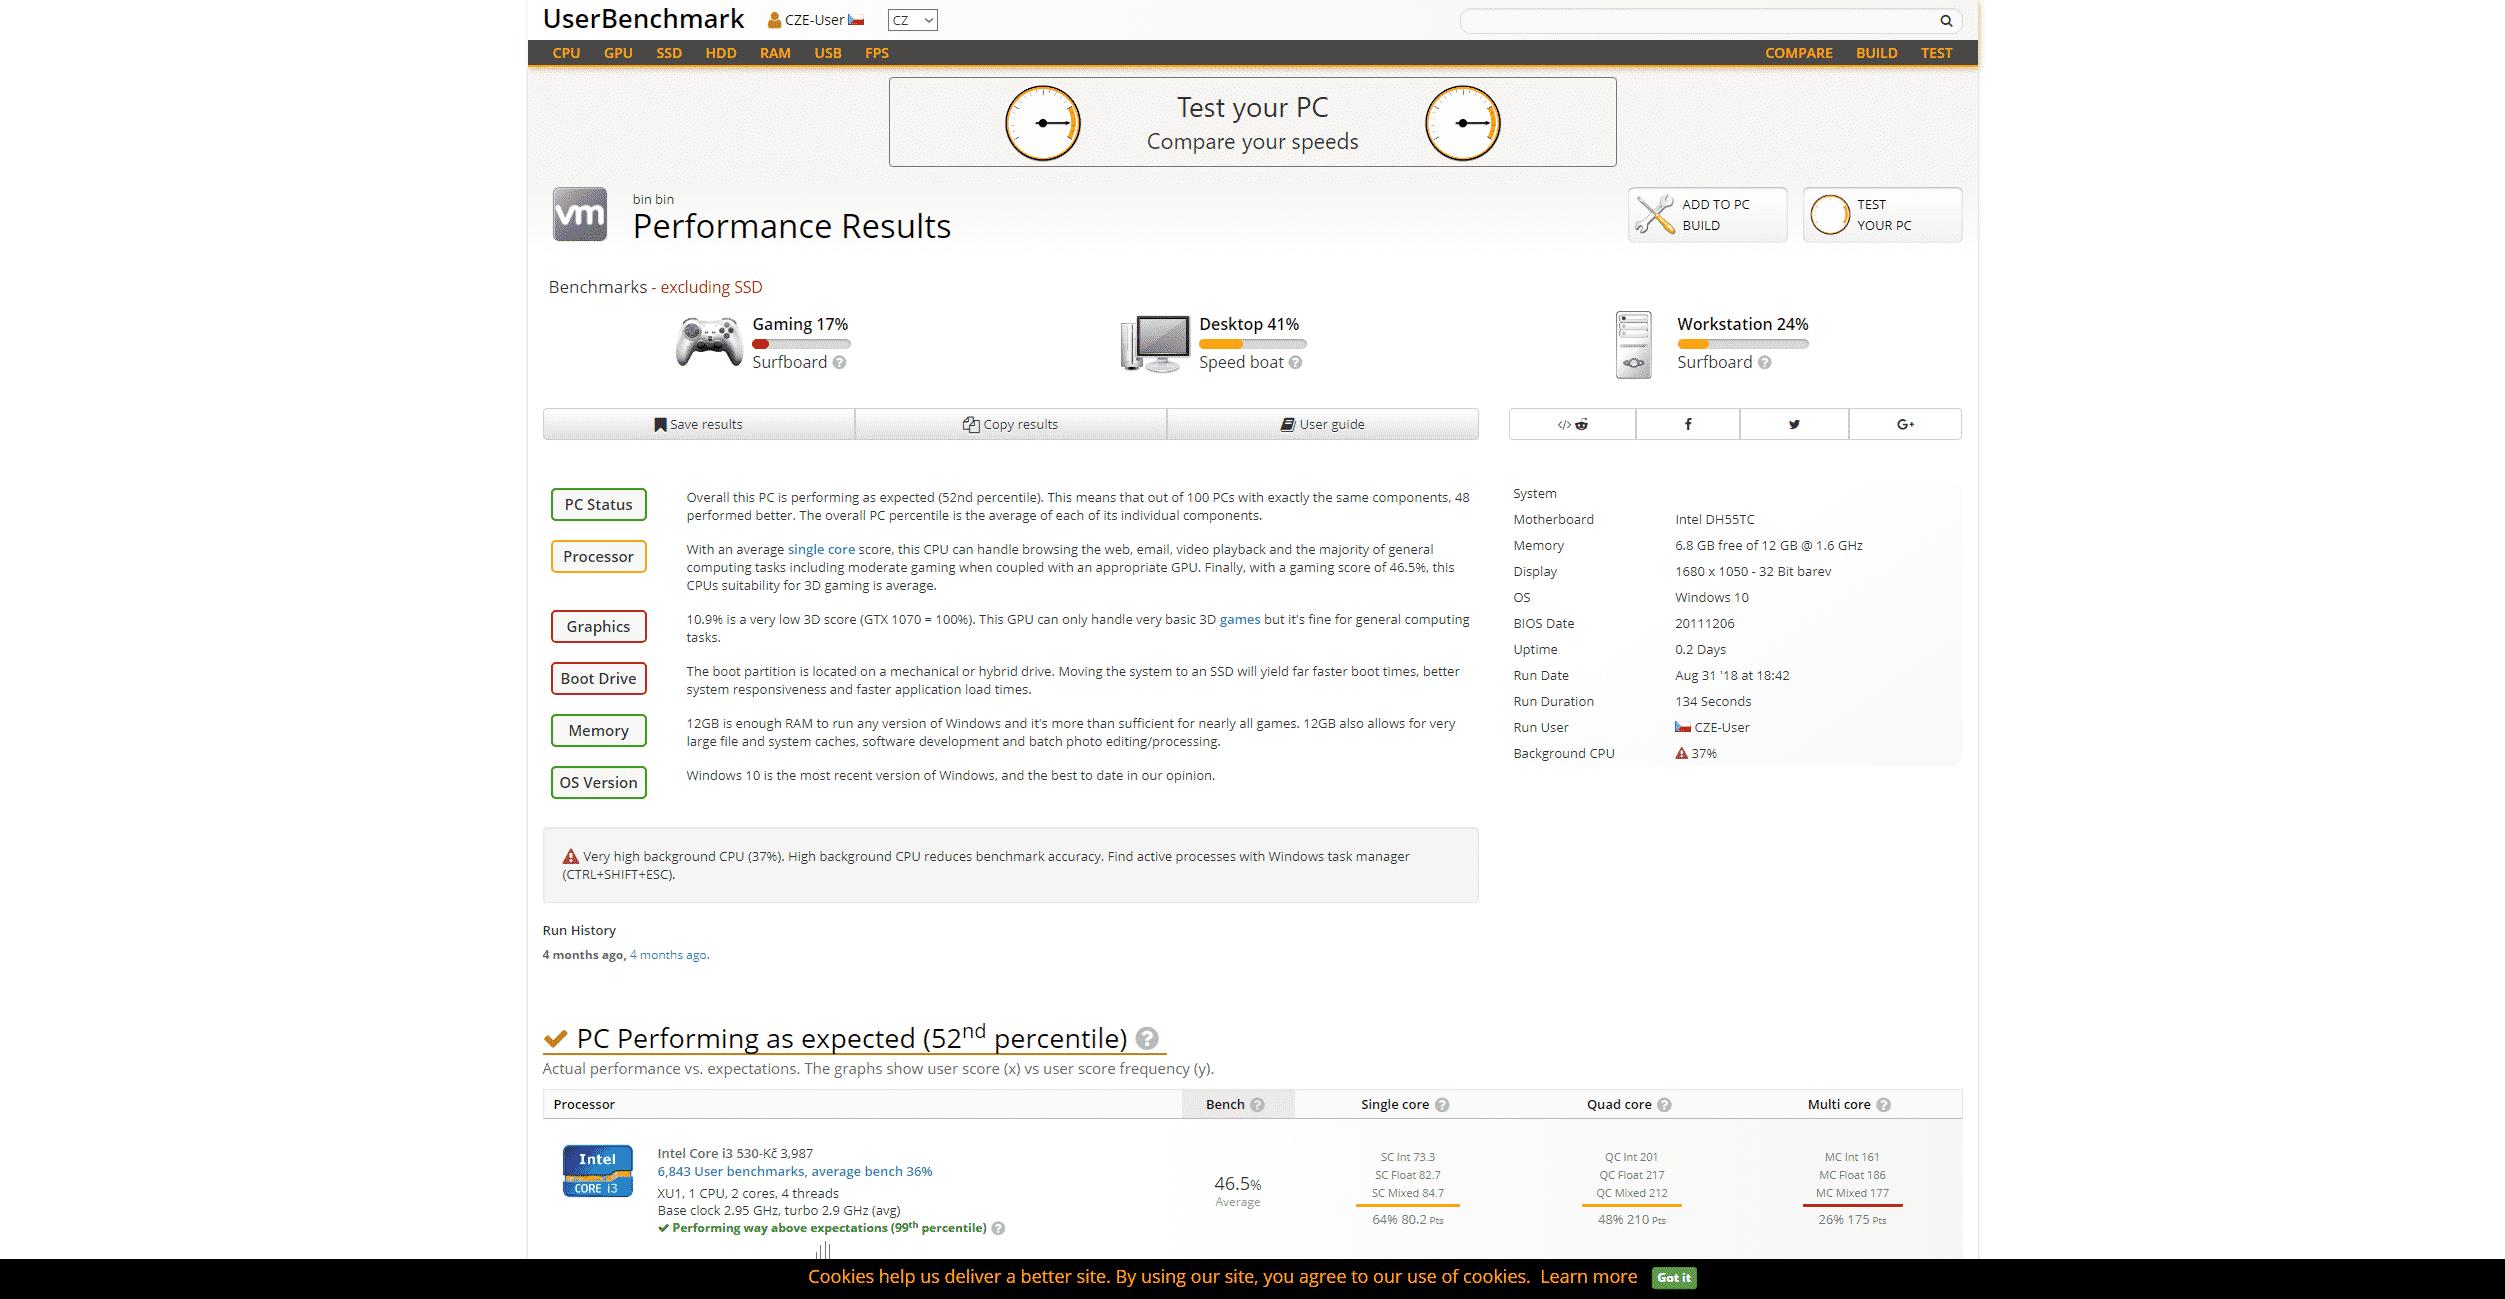 Výsledek testu z UserBenchmark